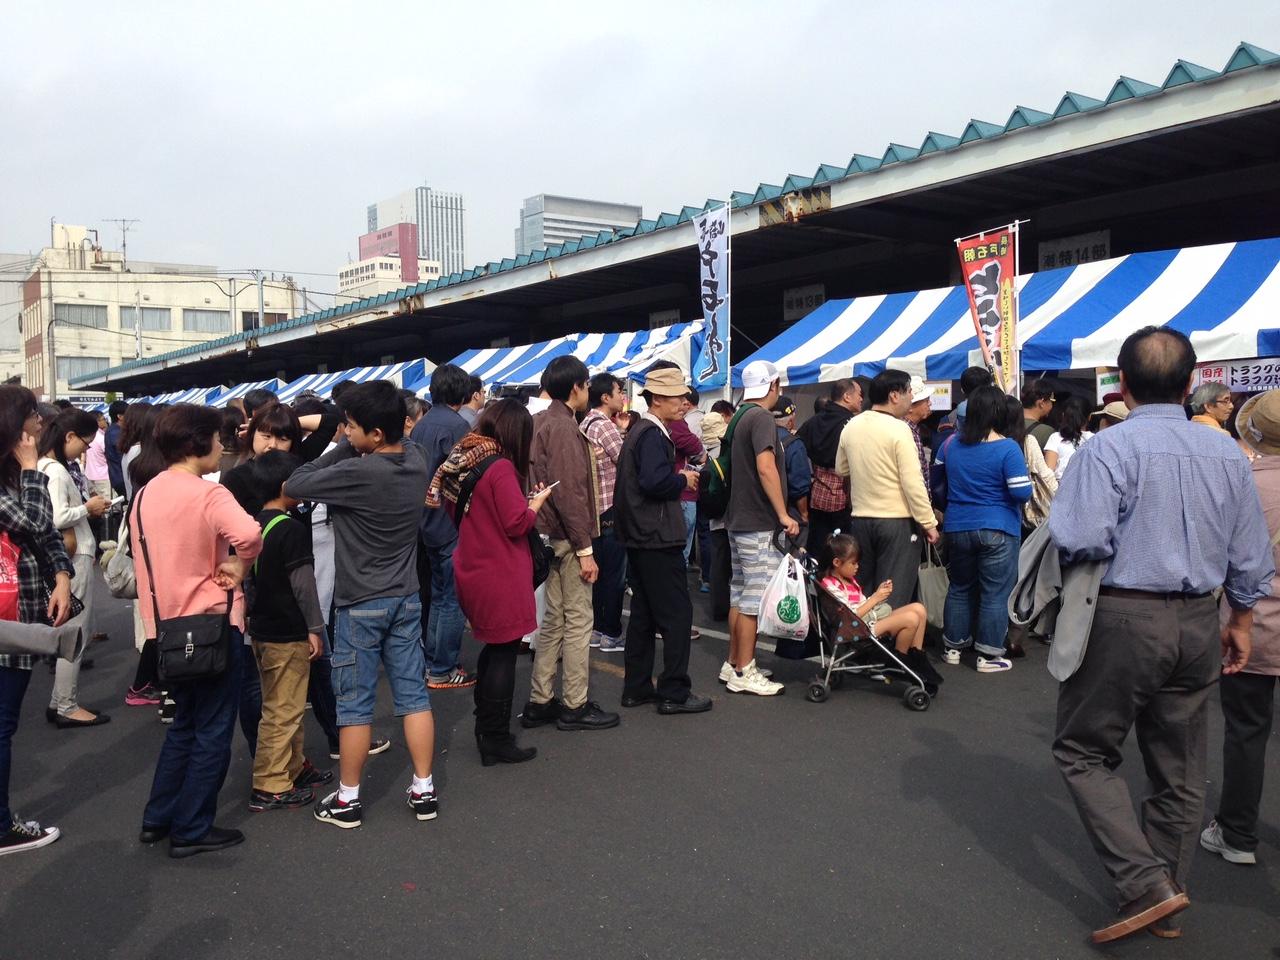 築地市場さかな祭りの画像1